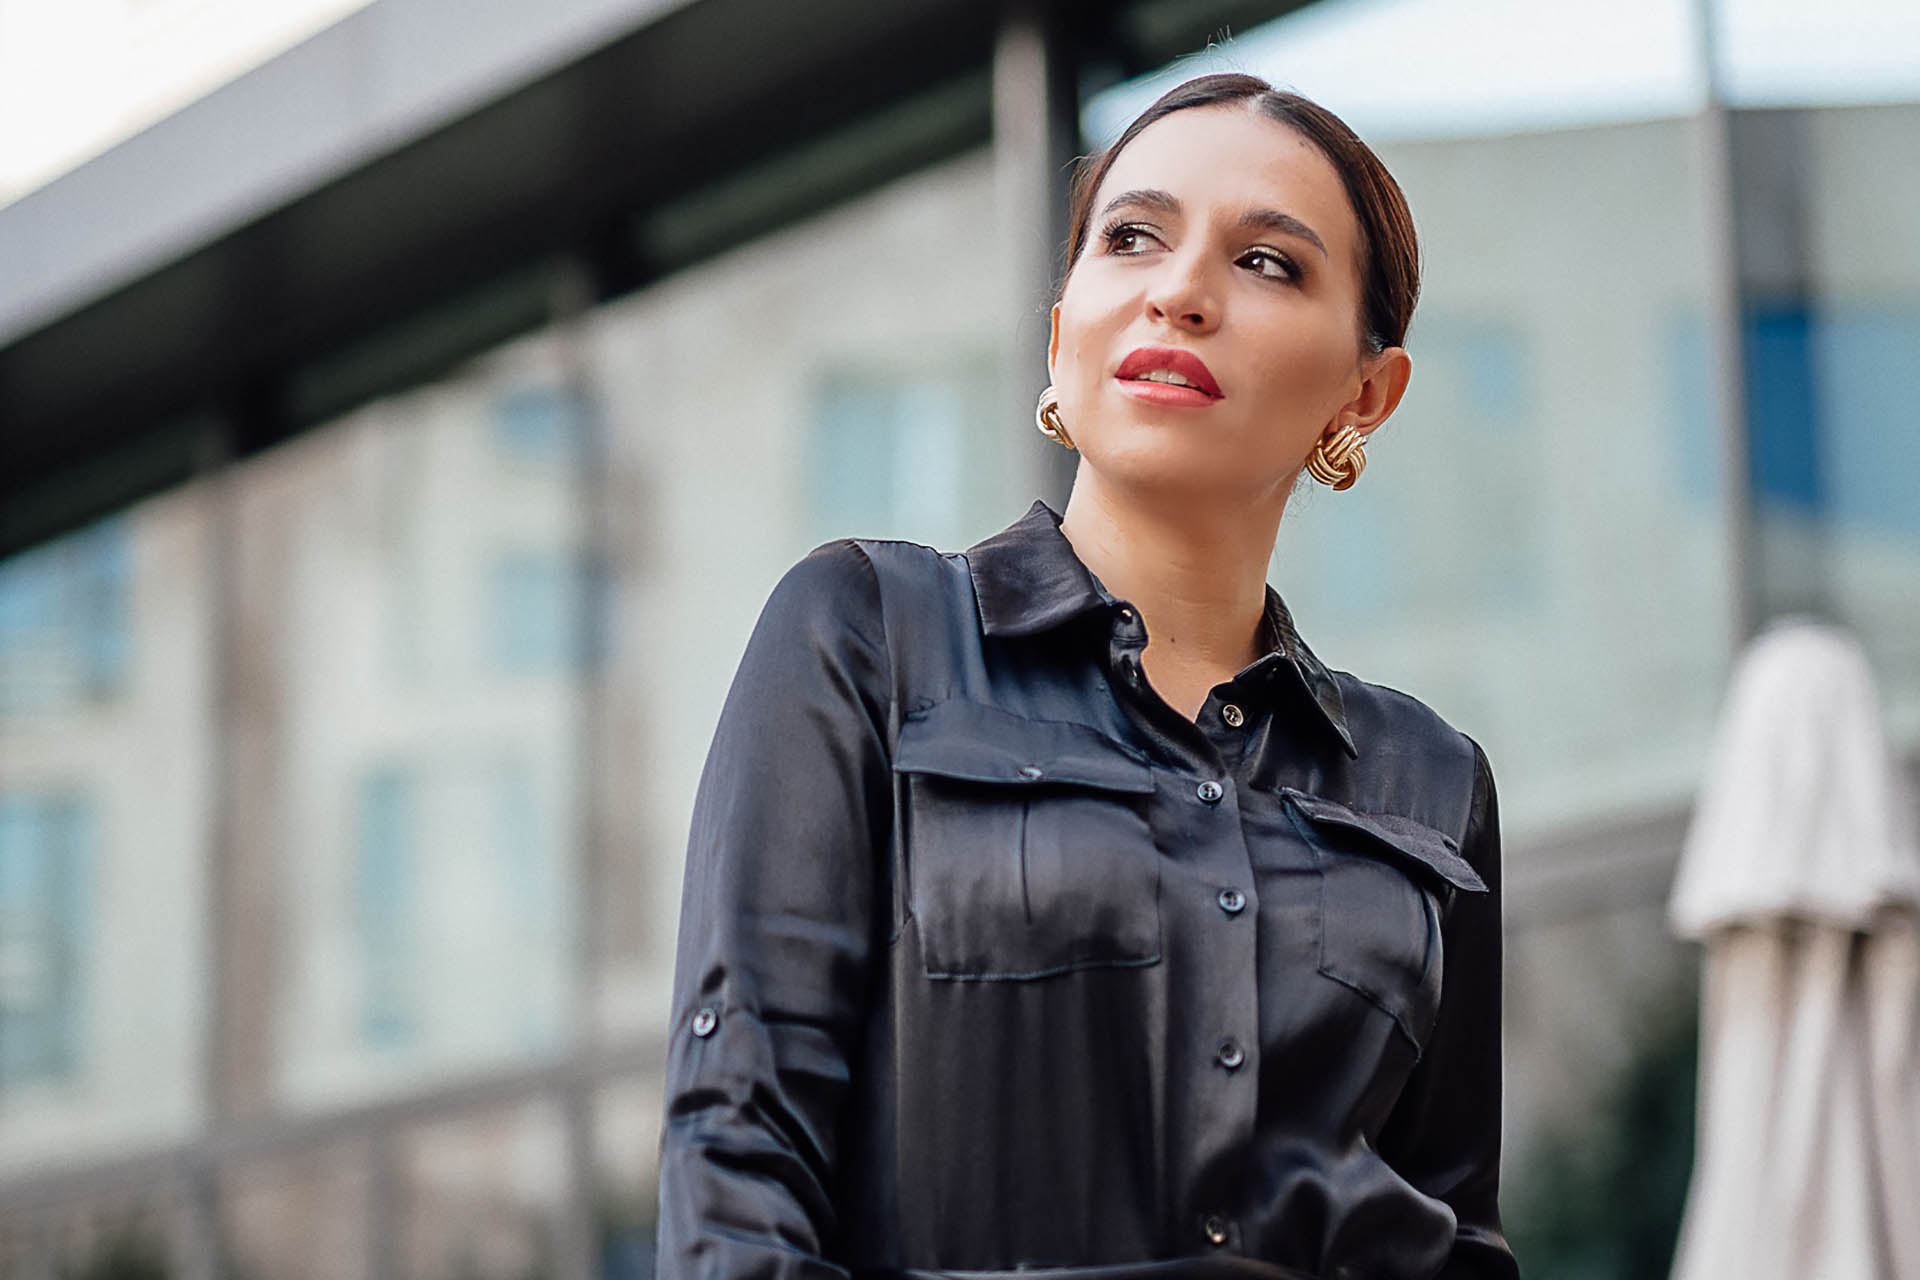 Алена Рафикова. Как создать свой бренд одежды и зарабатывать на этом